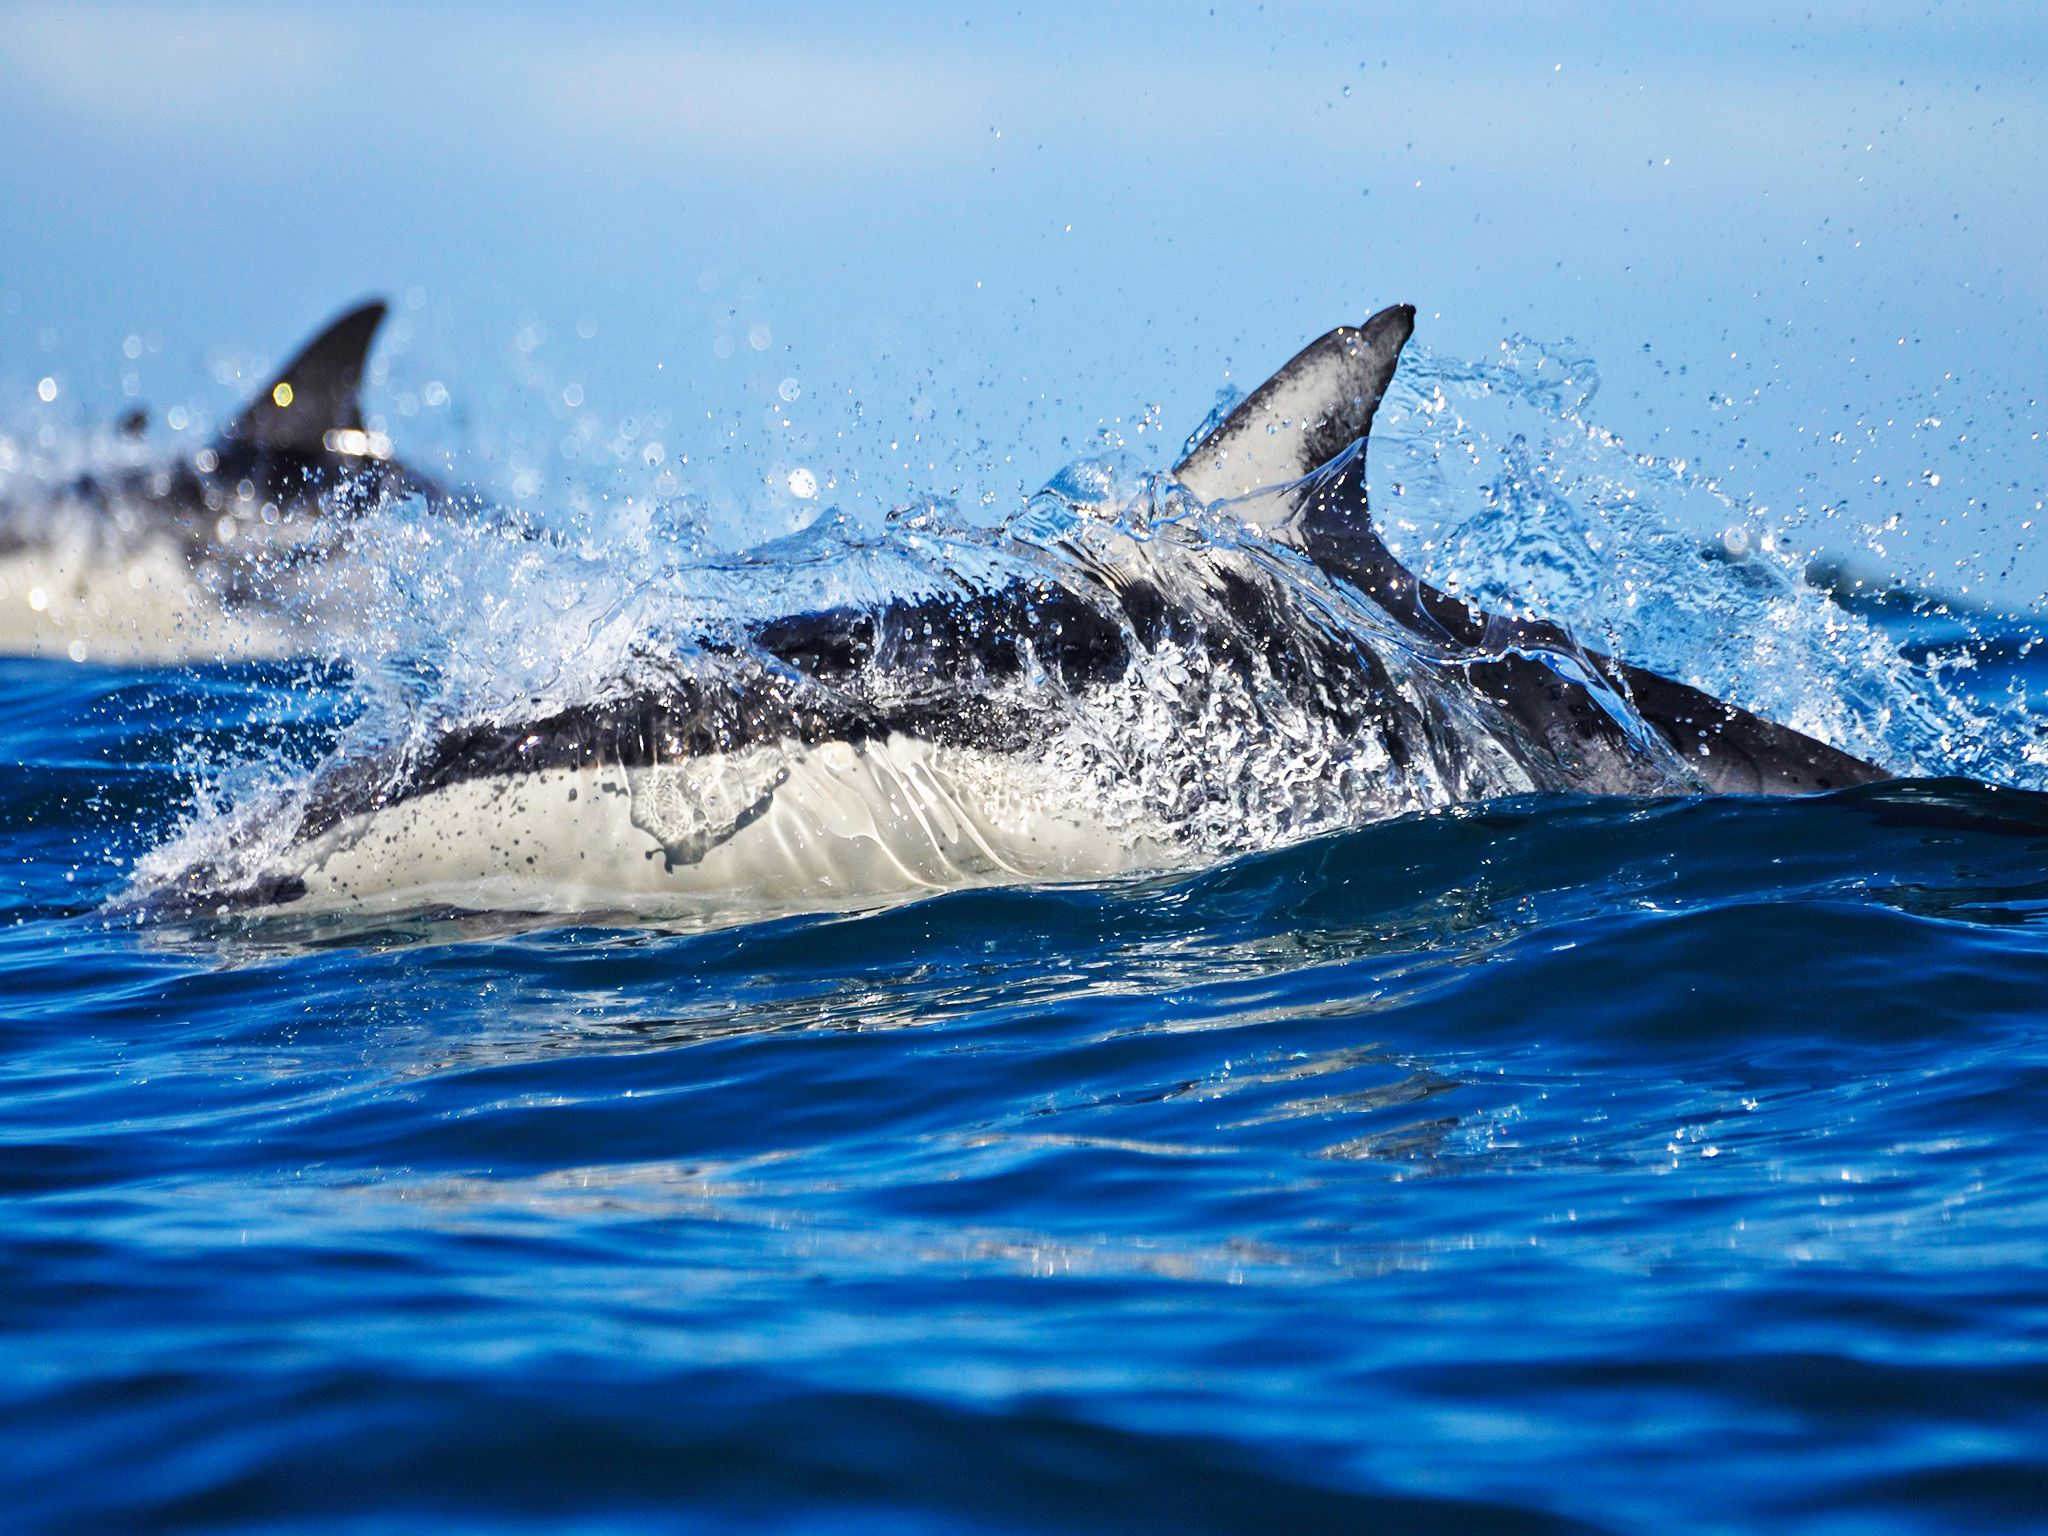 كيب تاون، جنوب إفريقيا:  خلال هجرة أسماك السردين في... [Photo of the day - يناير 2015]